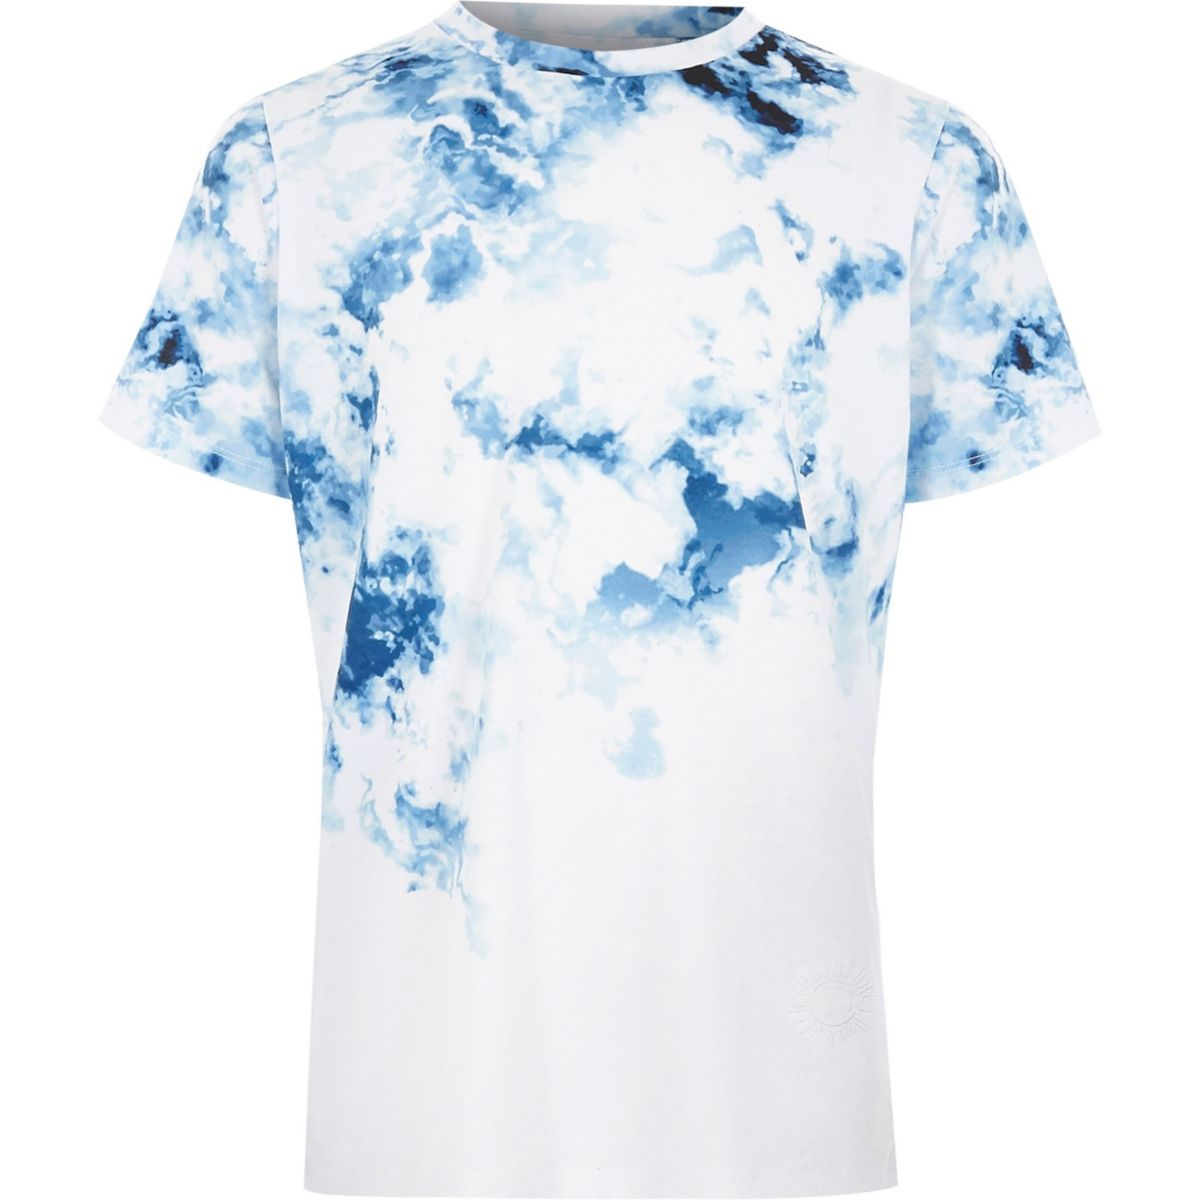 Boys blue smudge print fade T-shirt